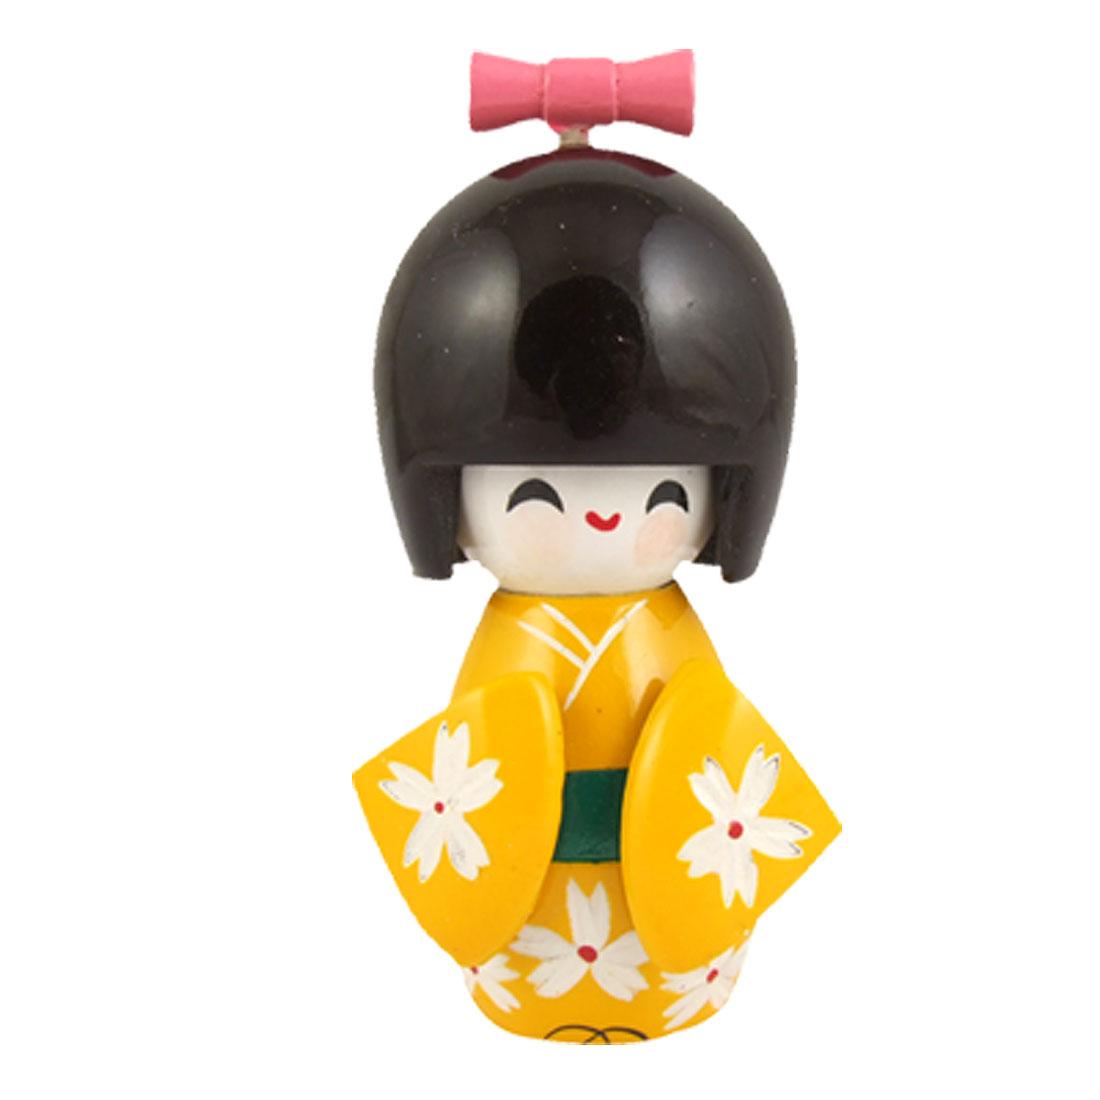 White Flowers Yellow Kimono Smiling Girl Wooden Kokeshi Doll